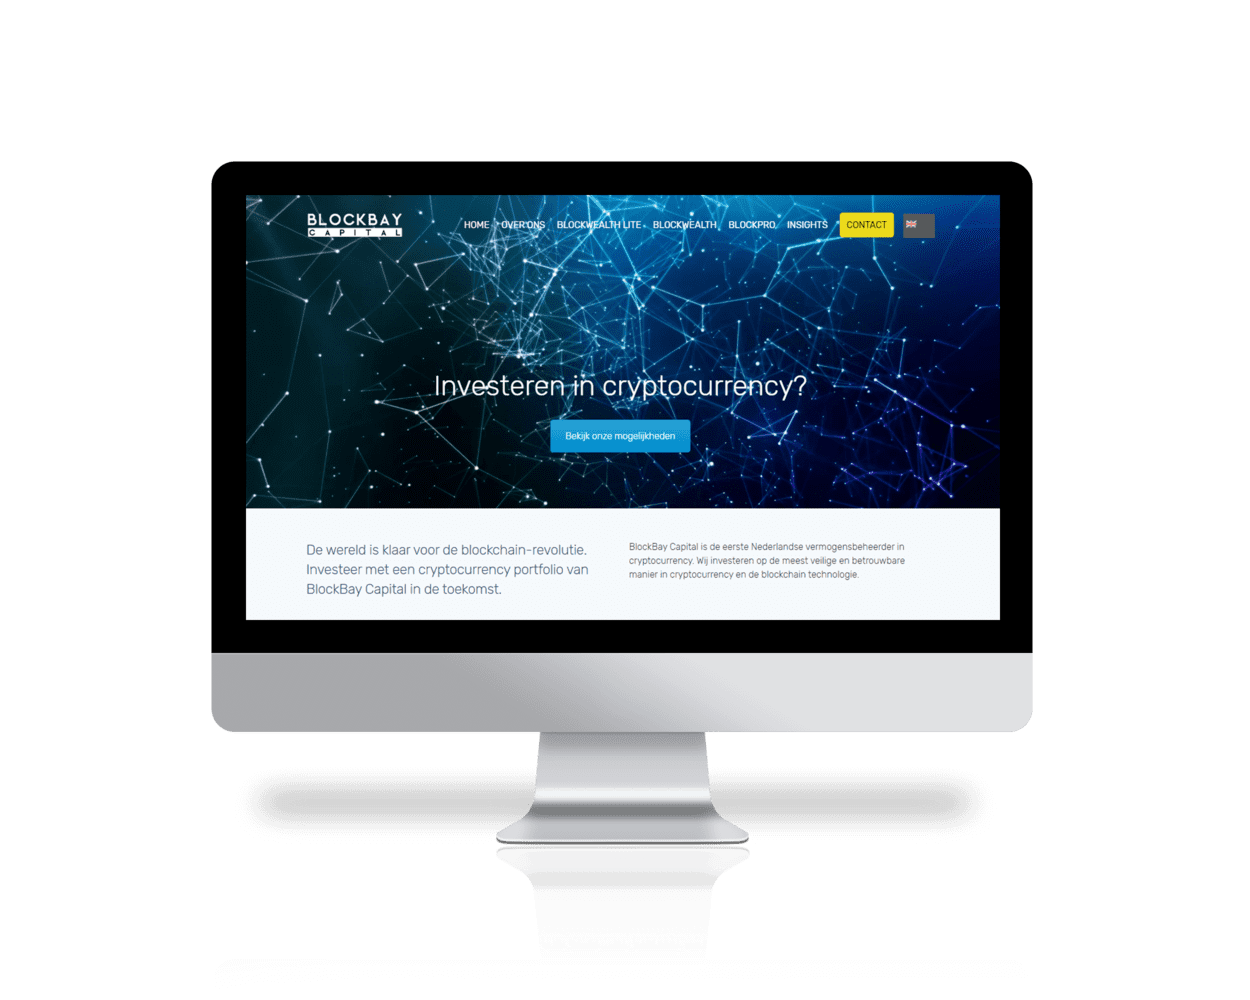 blockbay capital